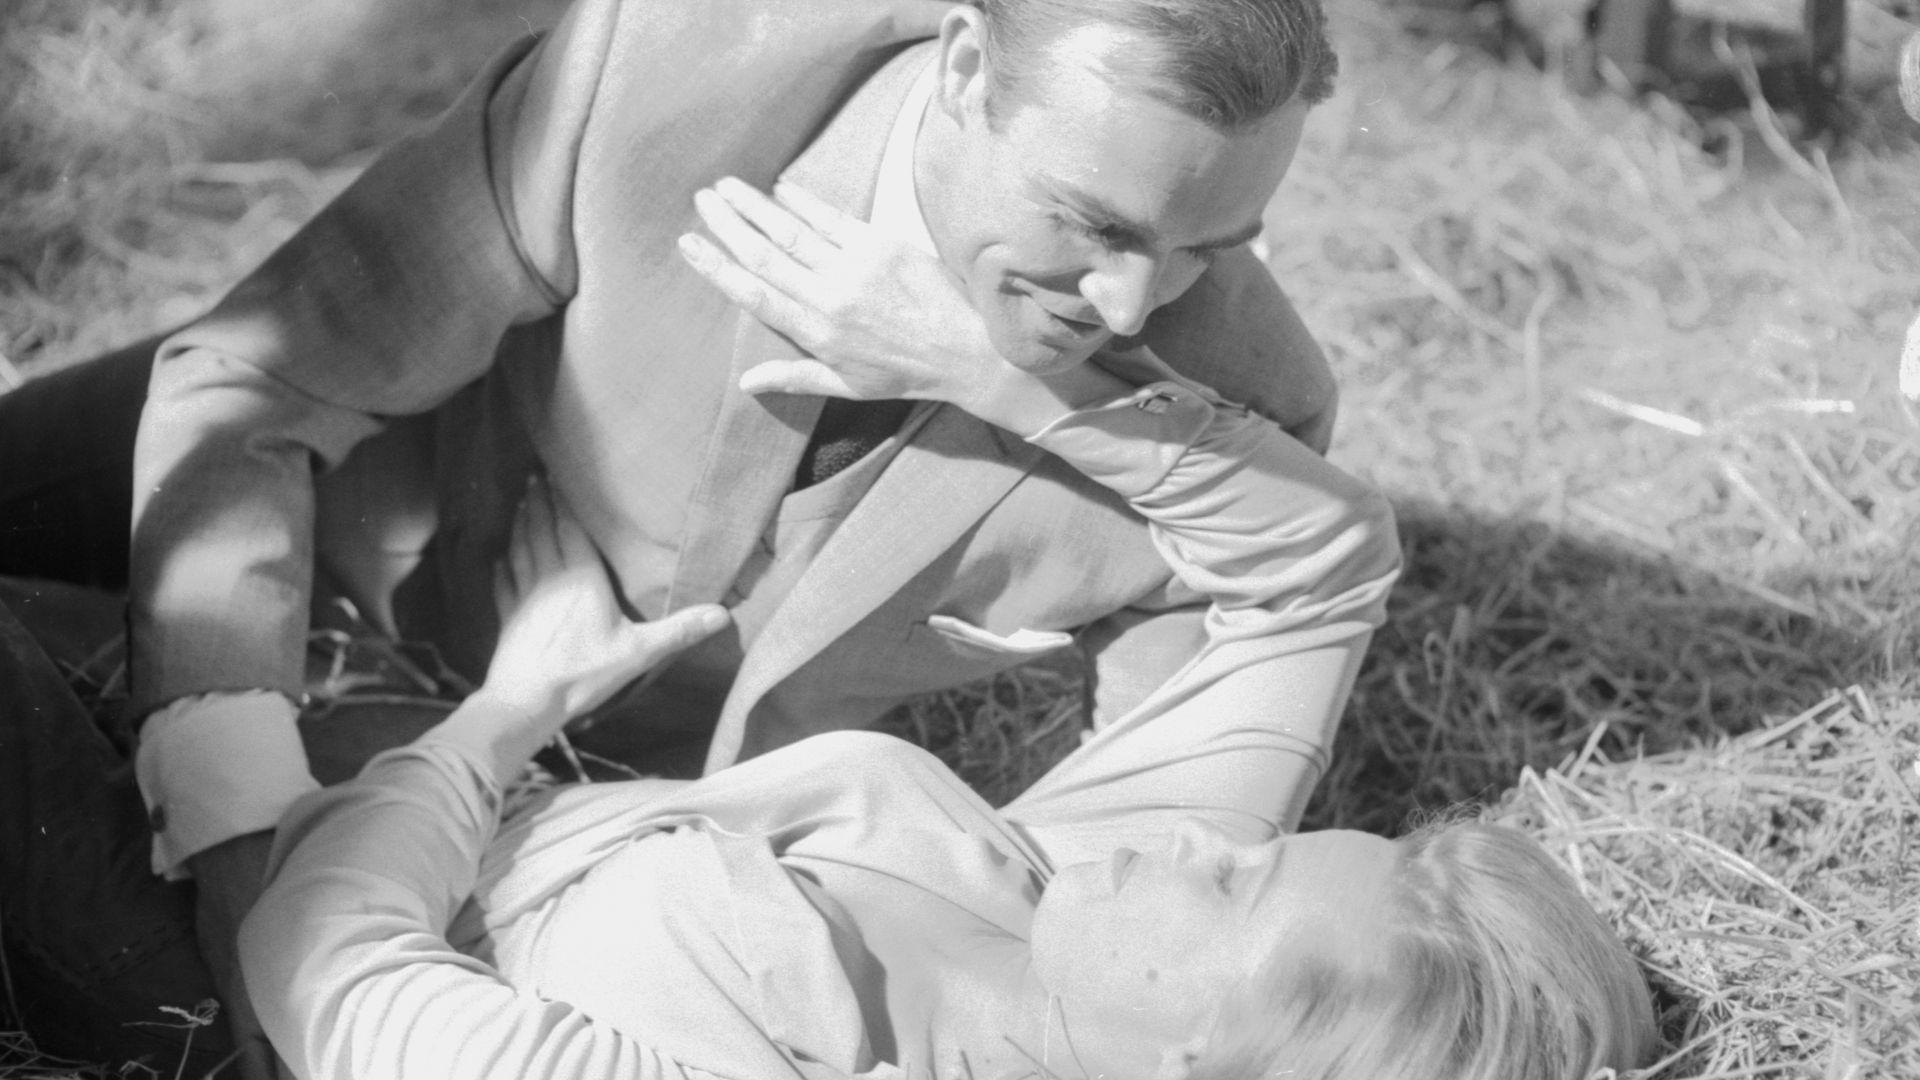 Regisseur kritisiert: James Bond hat Frauen vergewaltigt